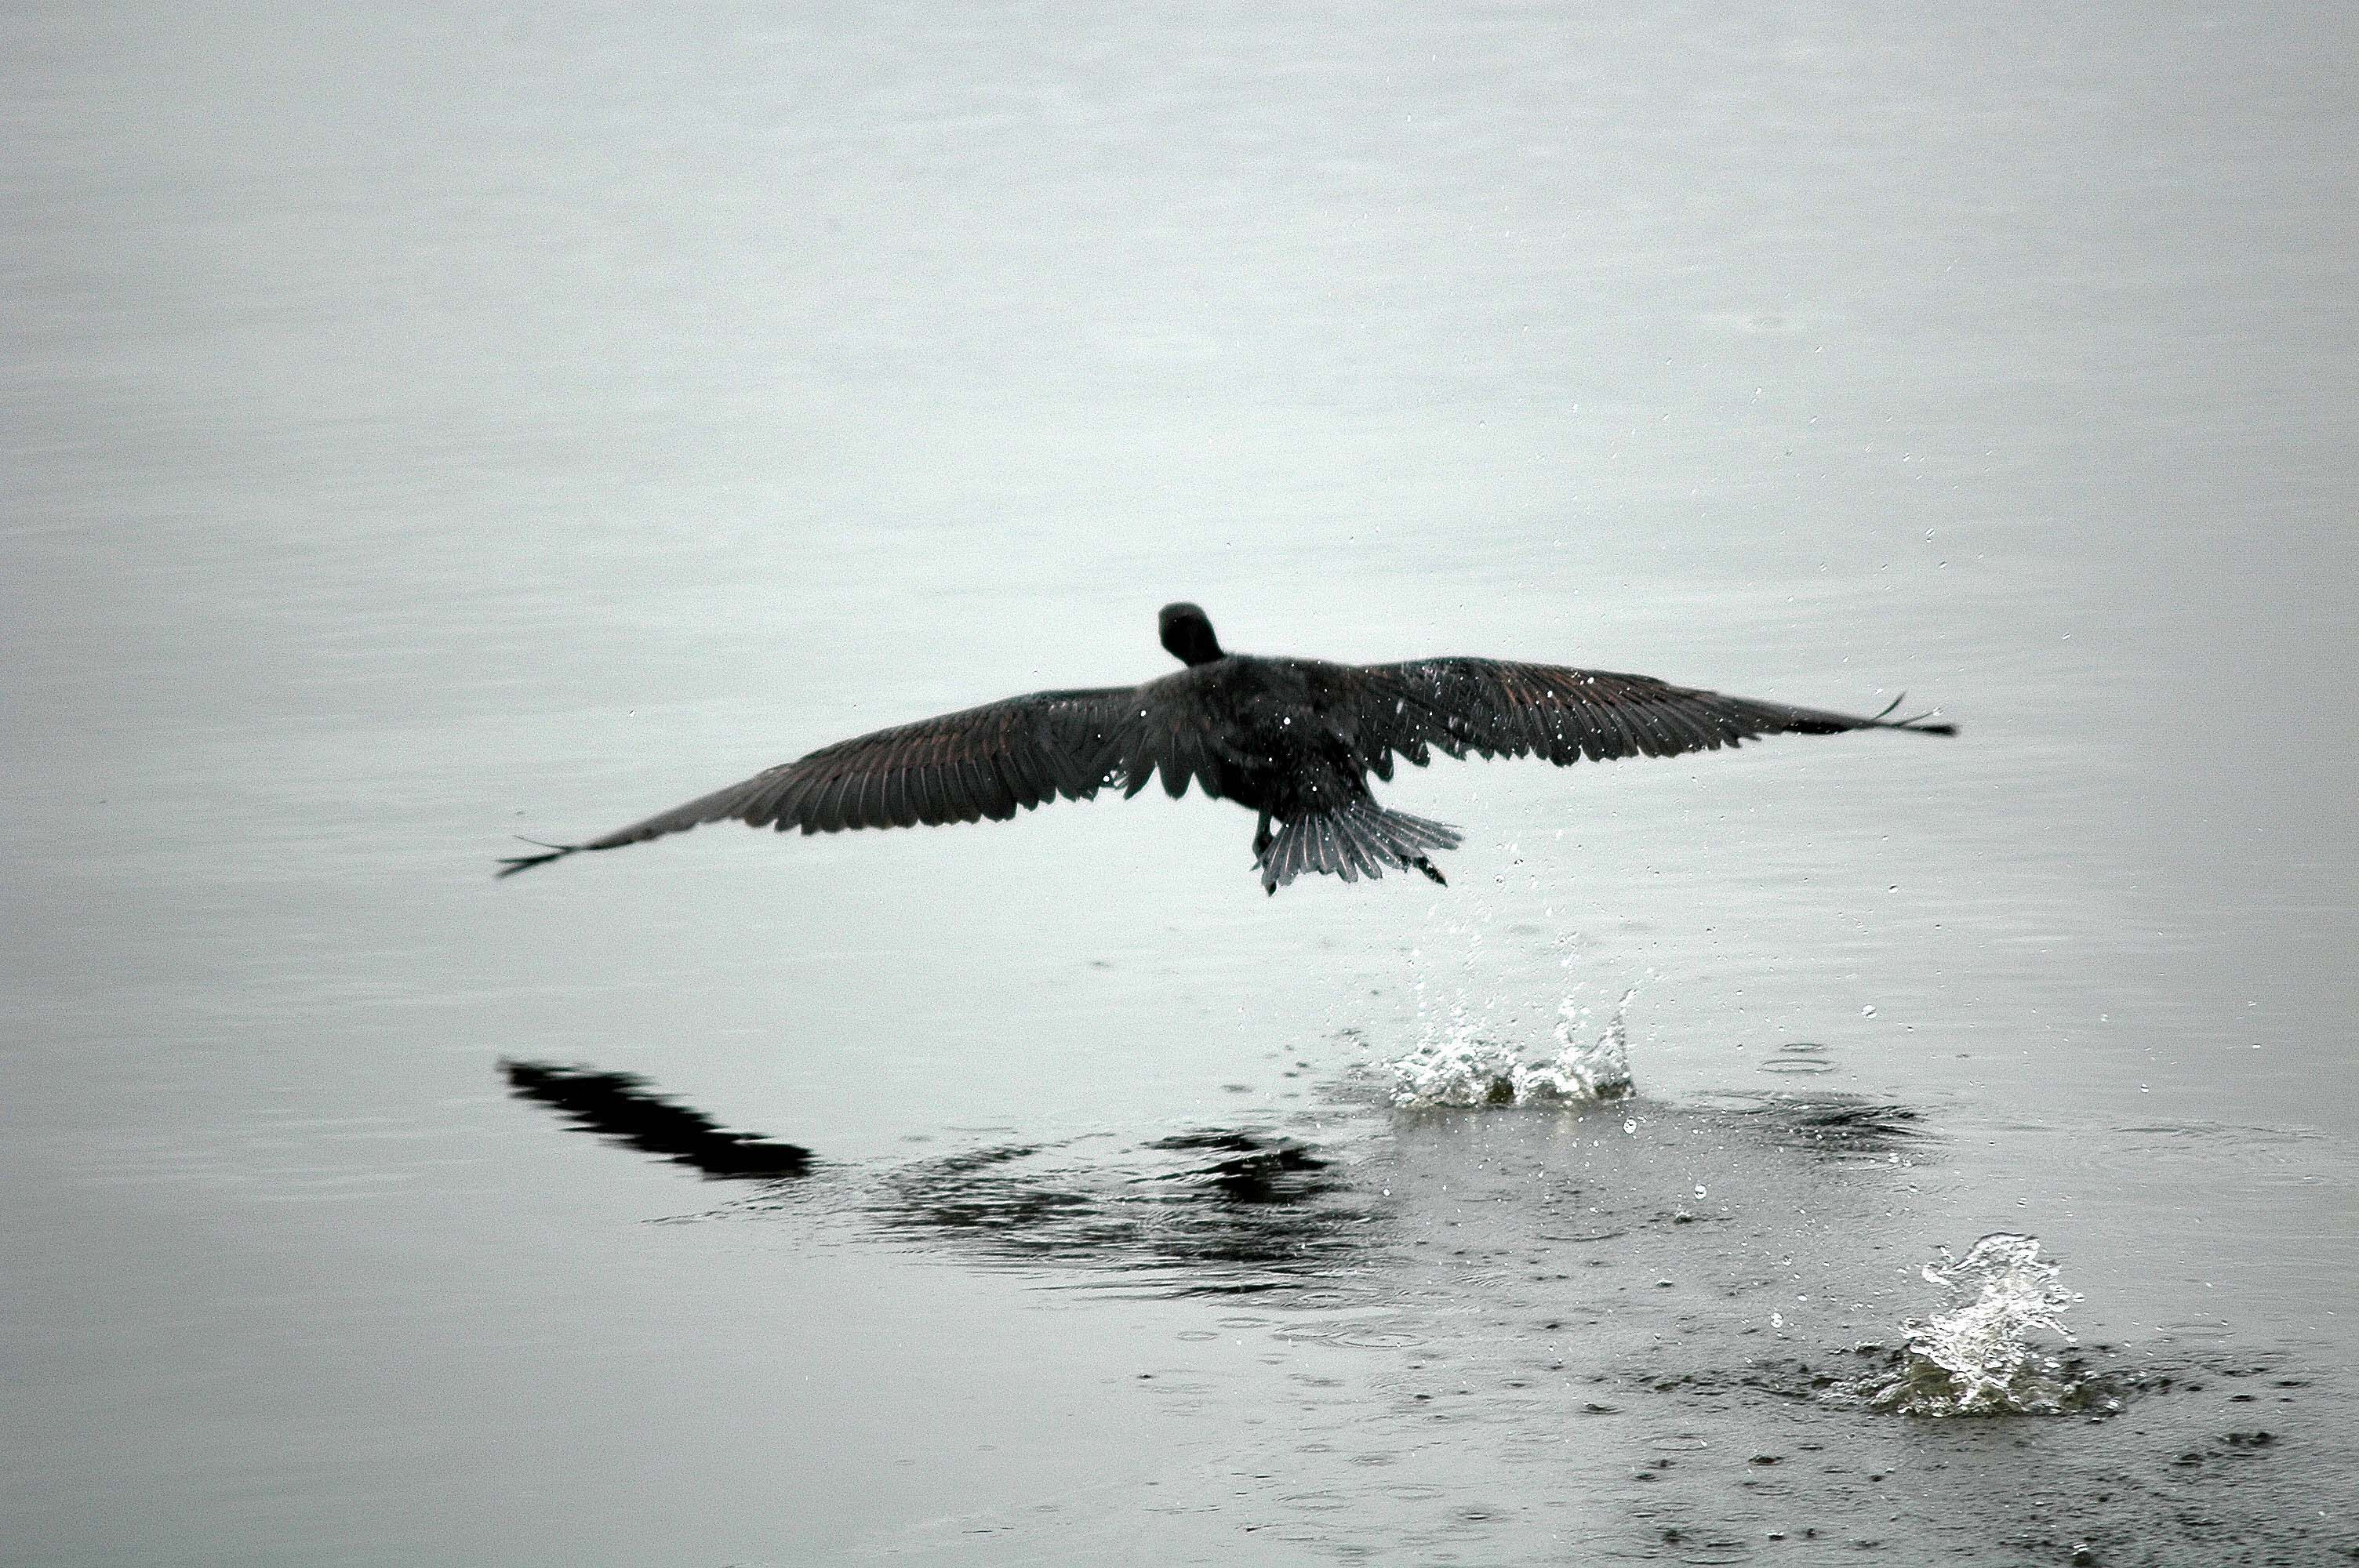 fugl som letter bilde